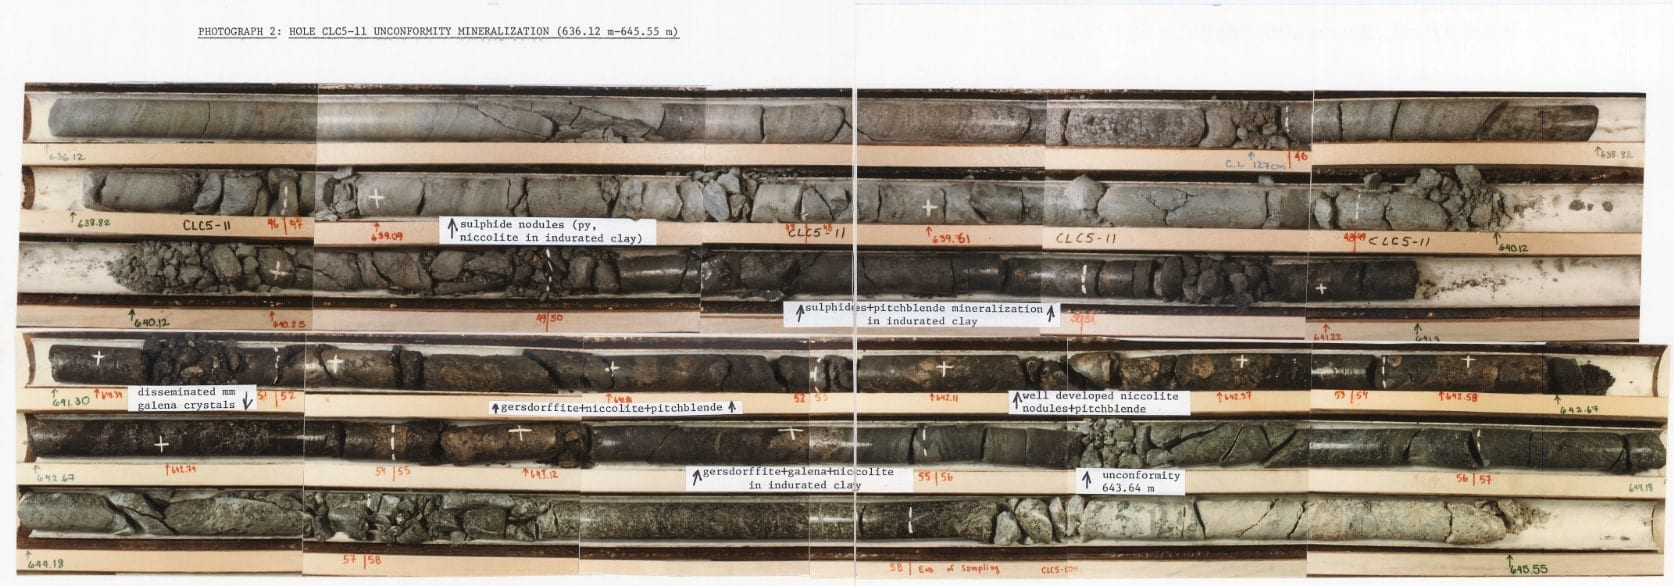 alx uranium